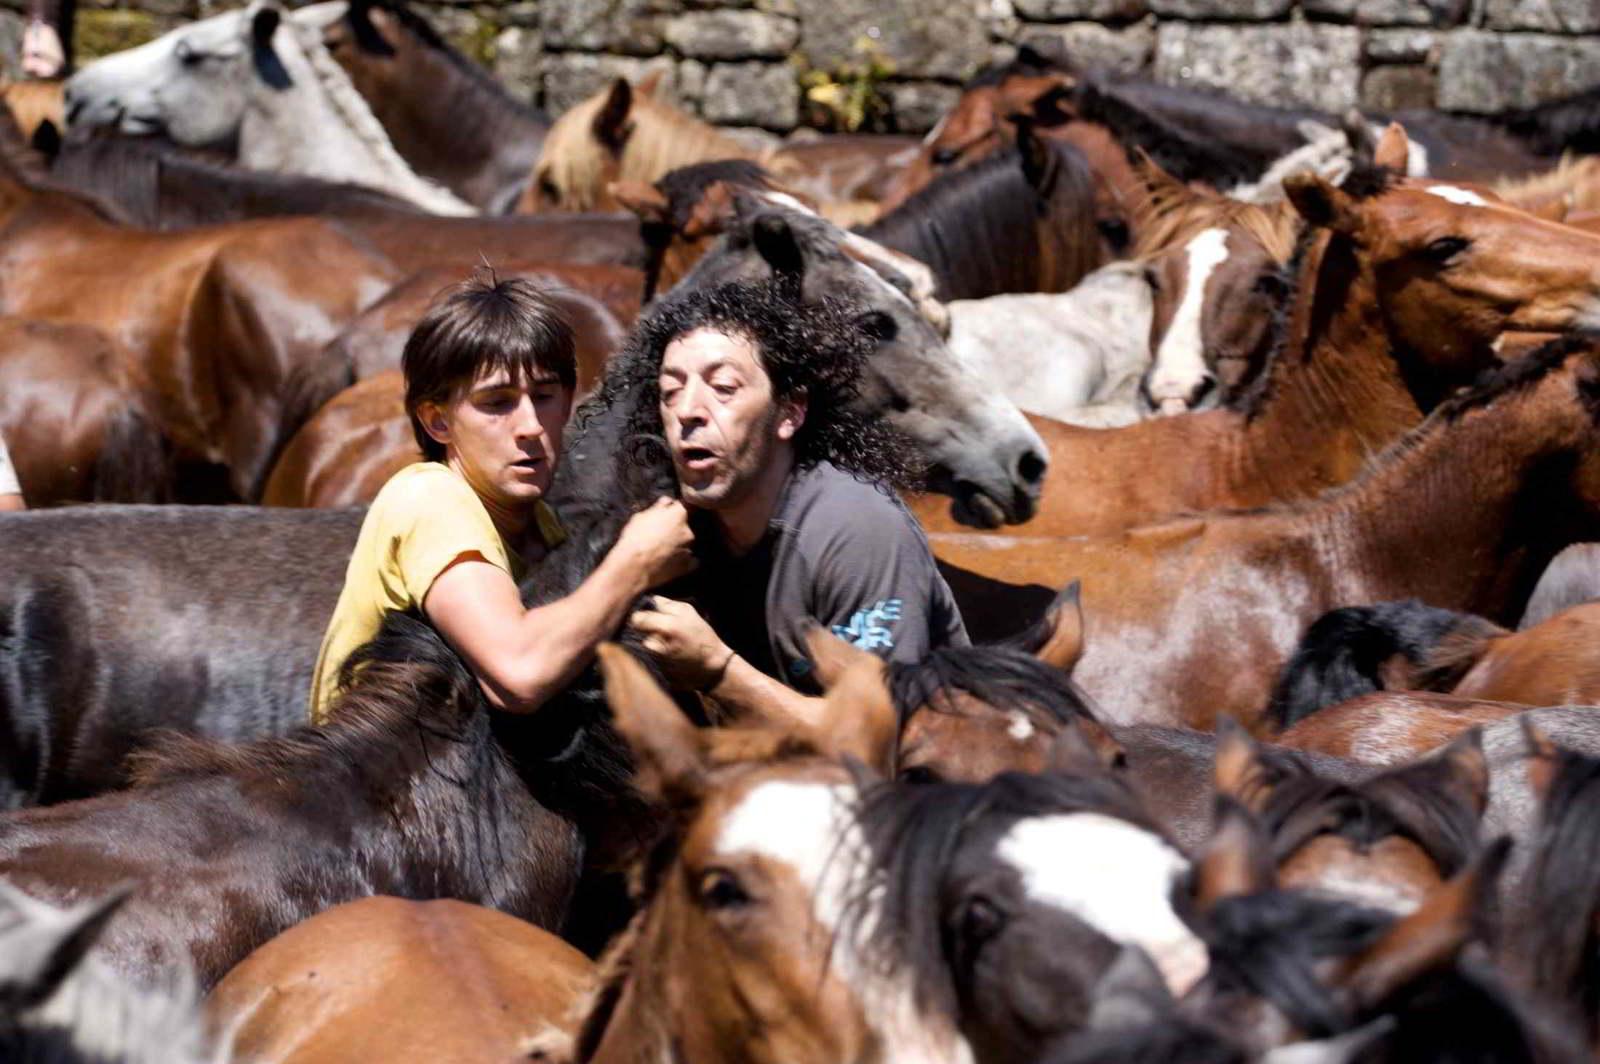 Caballos Salvajes, seguramente el mejor documental sobre «A Rapa Das Bestas»